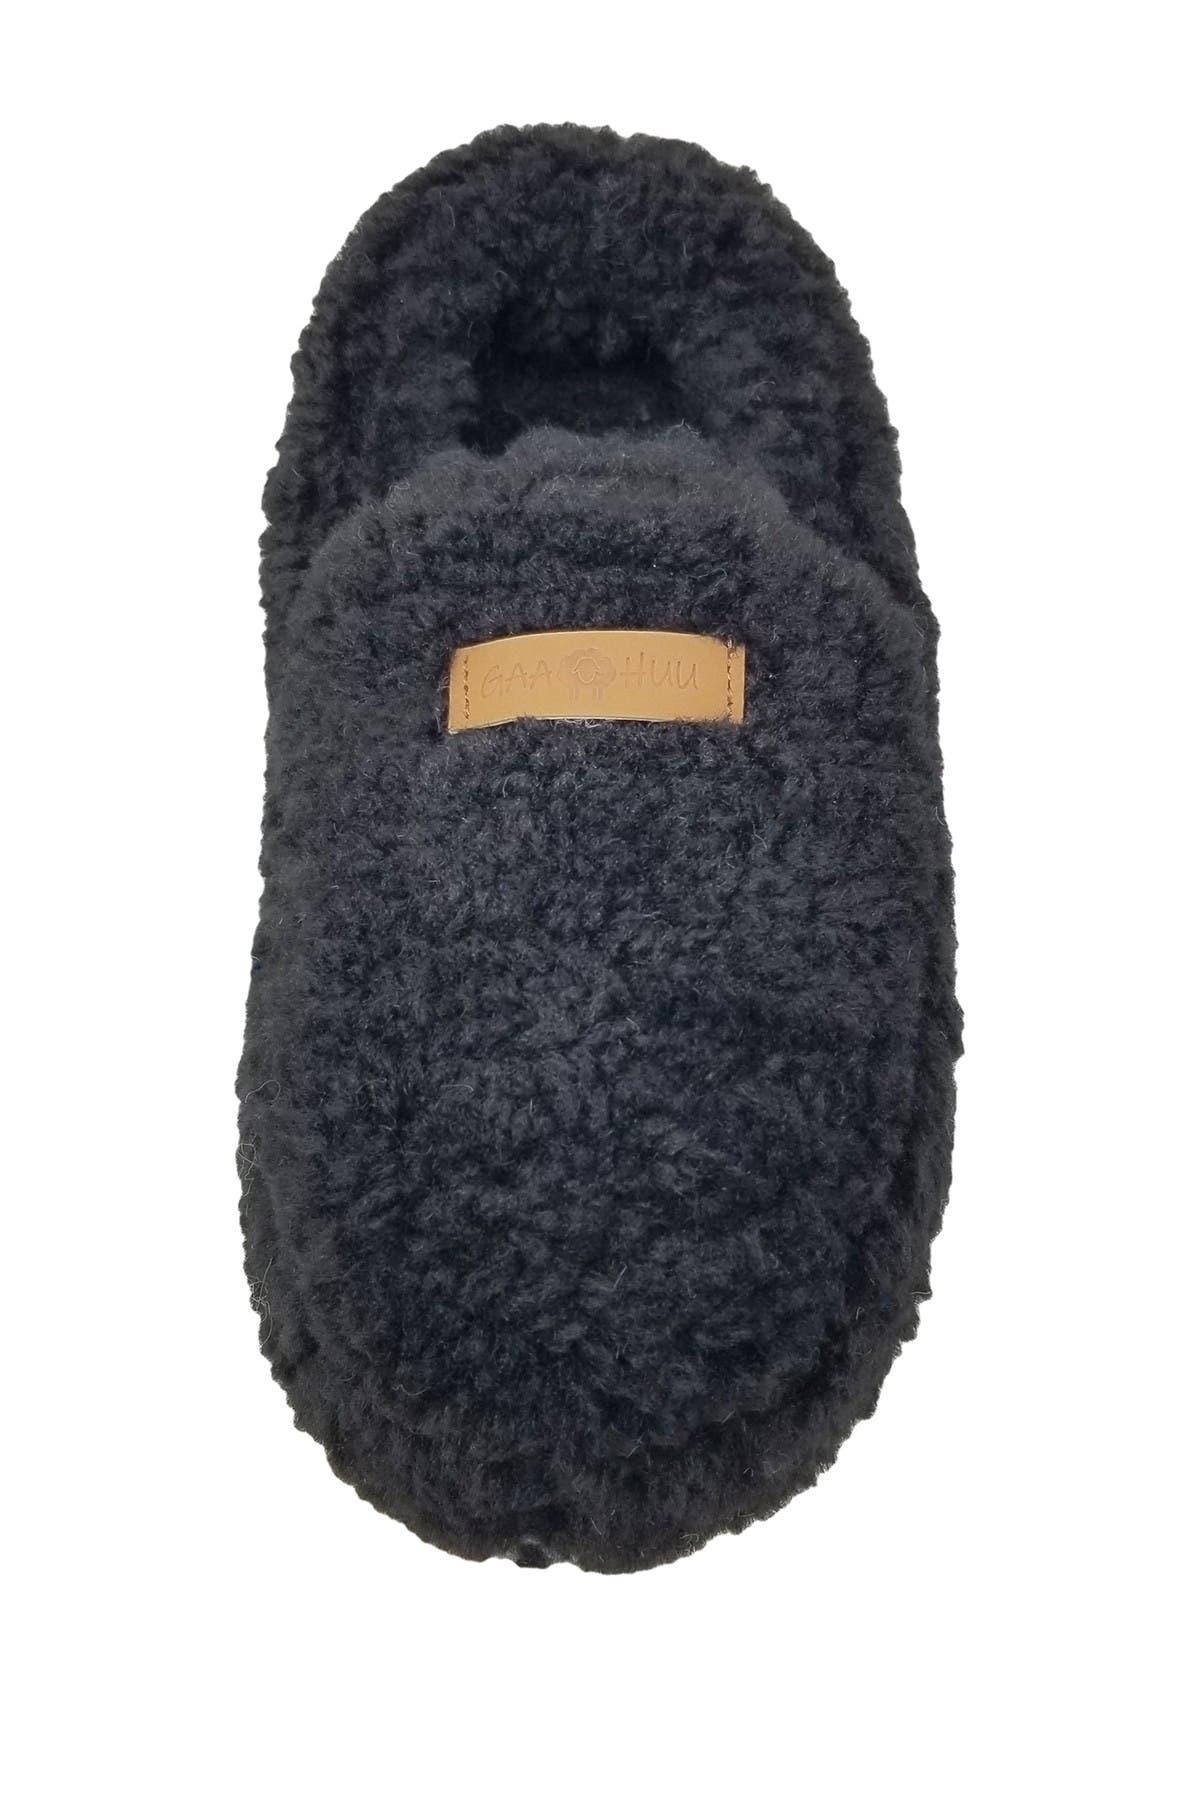 Image of GAAHUU Berber Moccasin Faux Fur Slipper